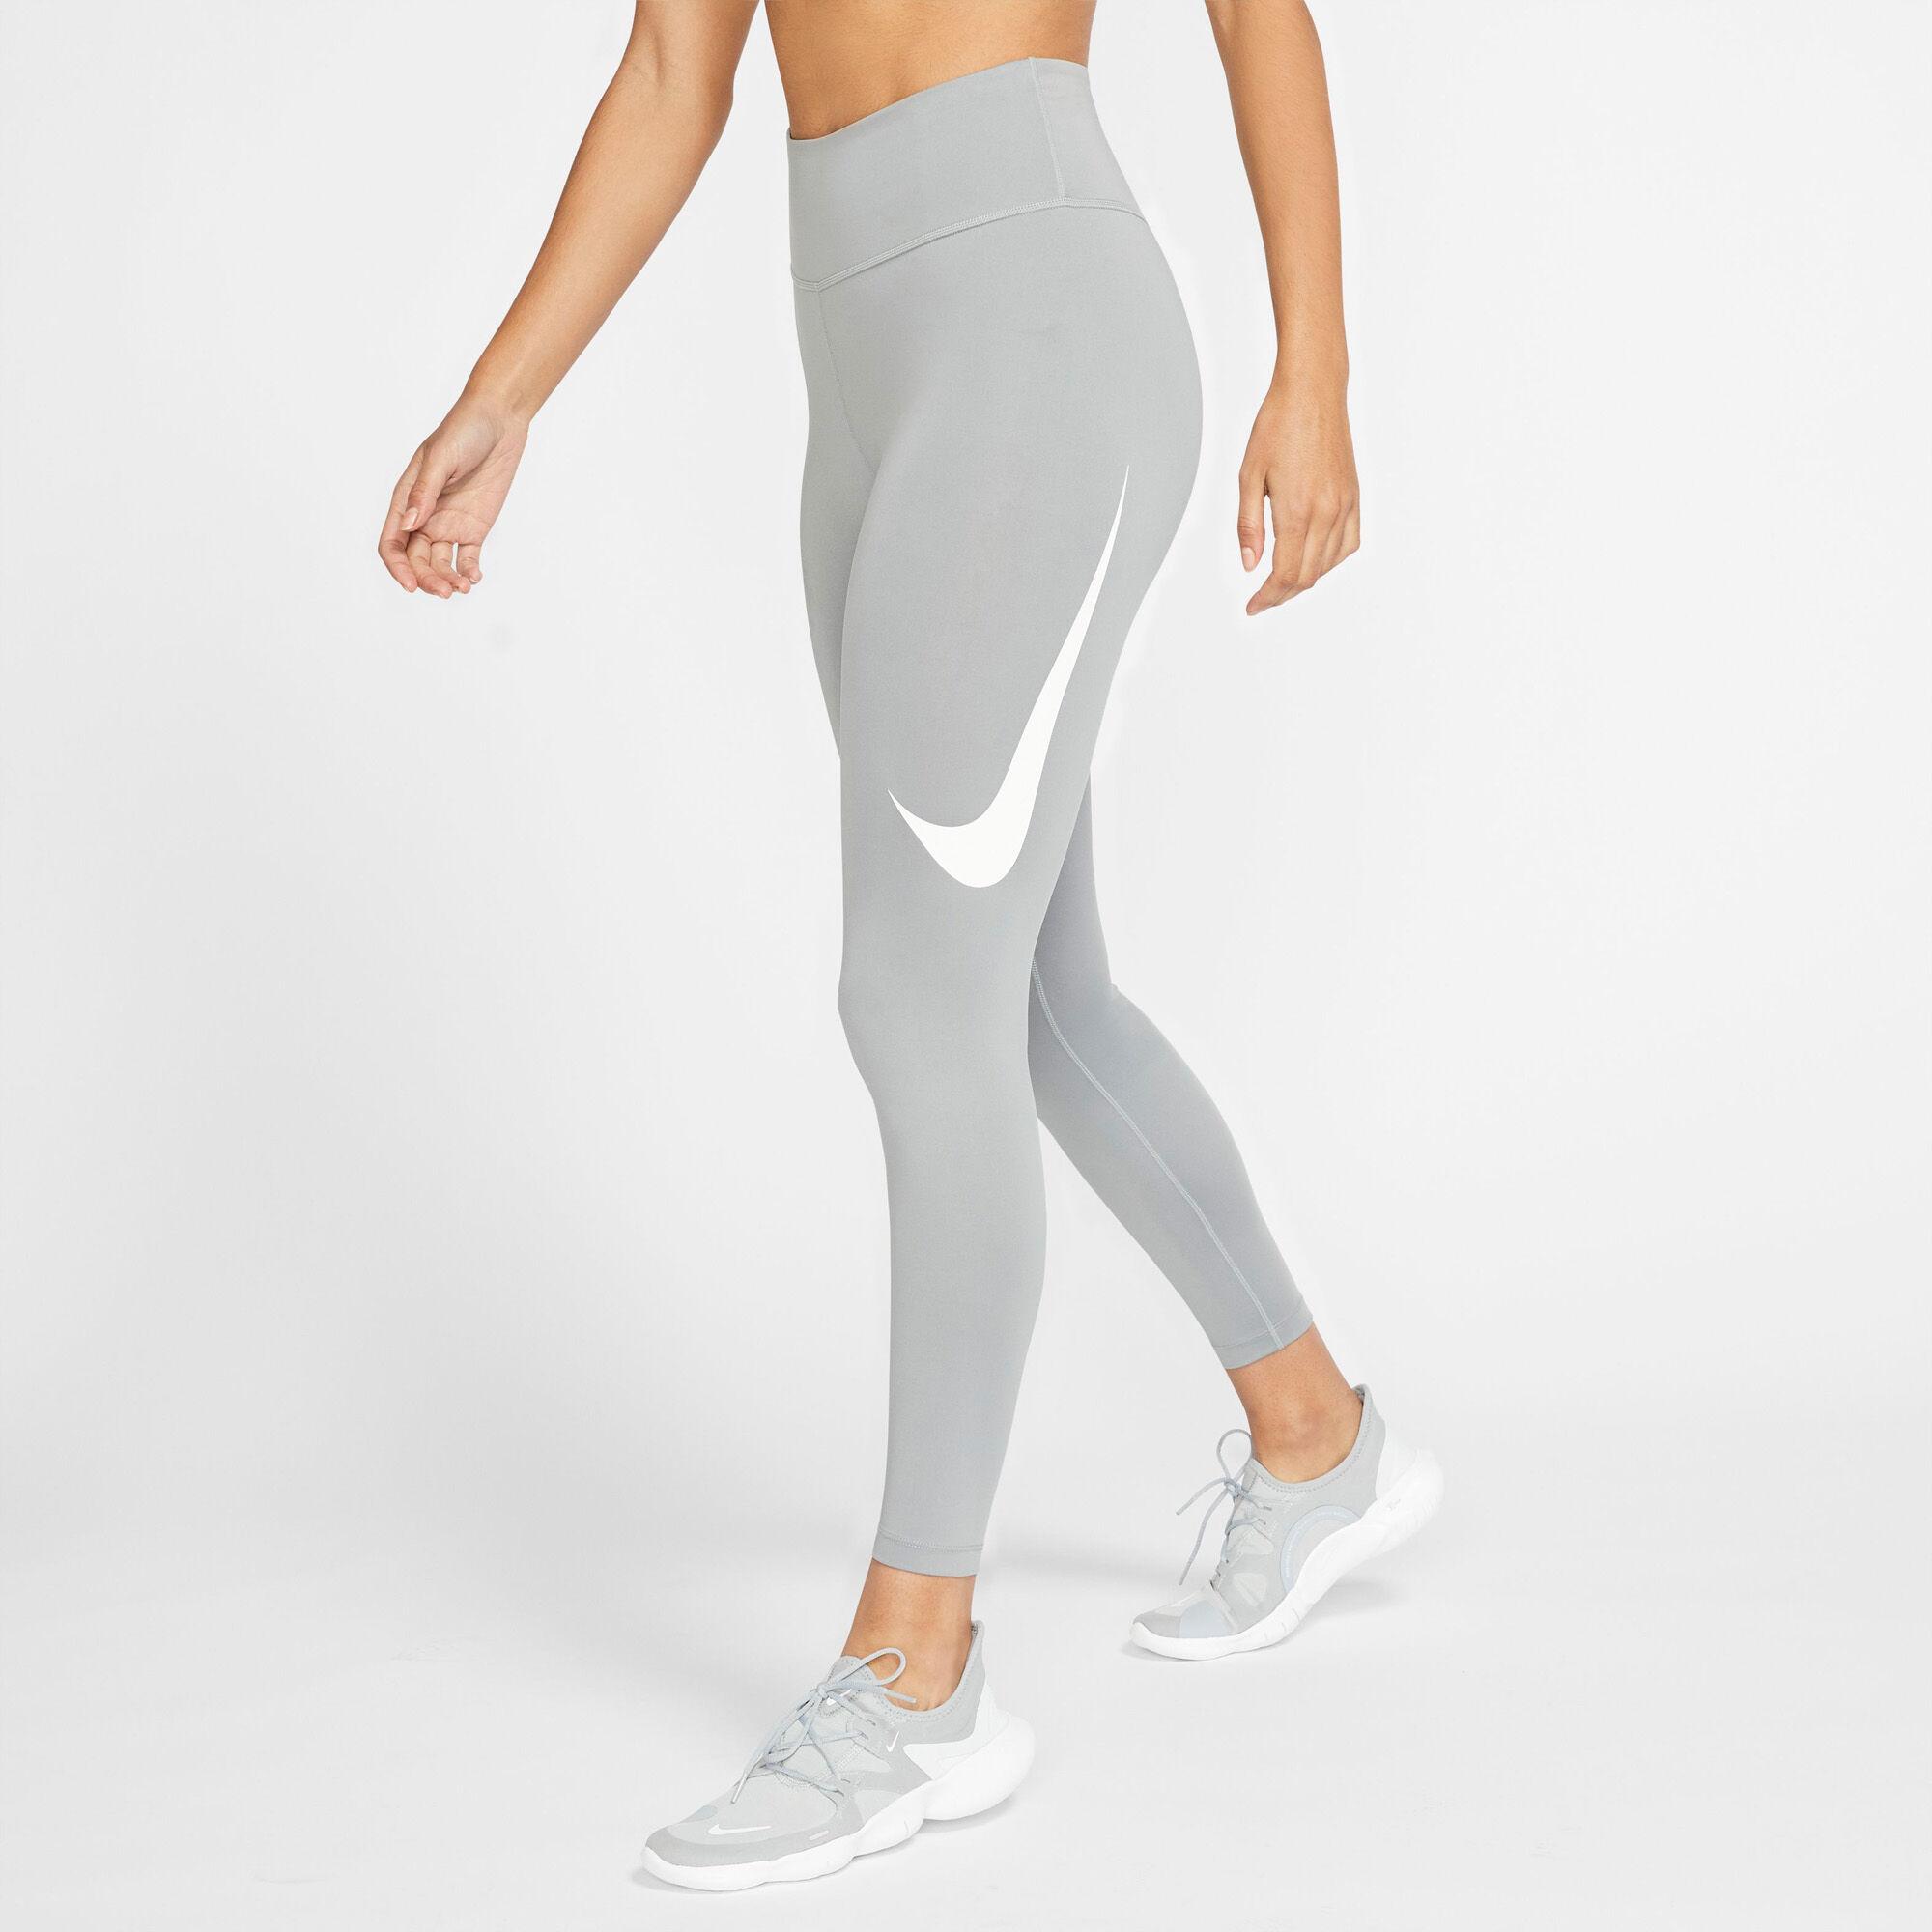 Nike Női Sportruházat | Széles választék és a legjobb márkák